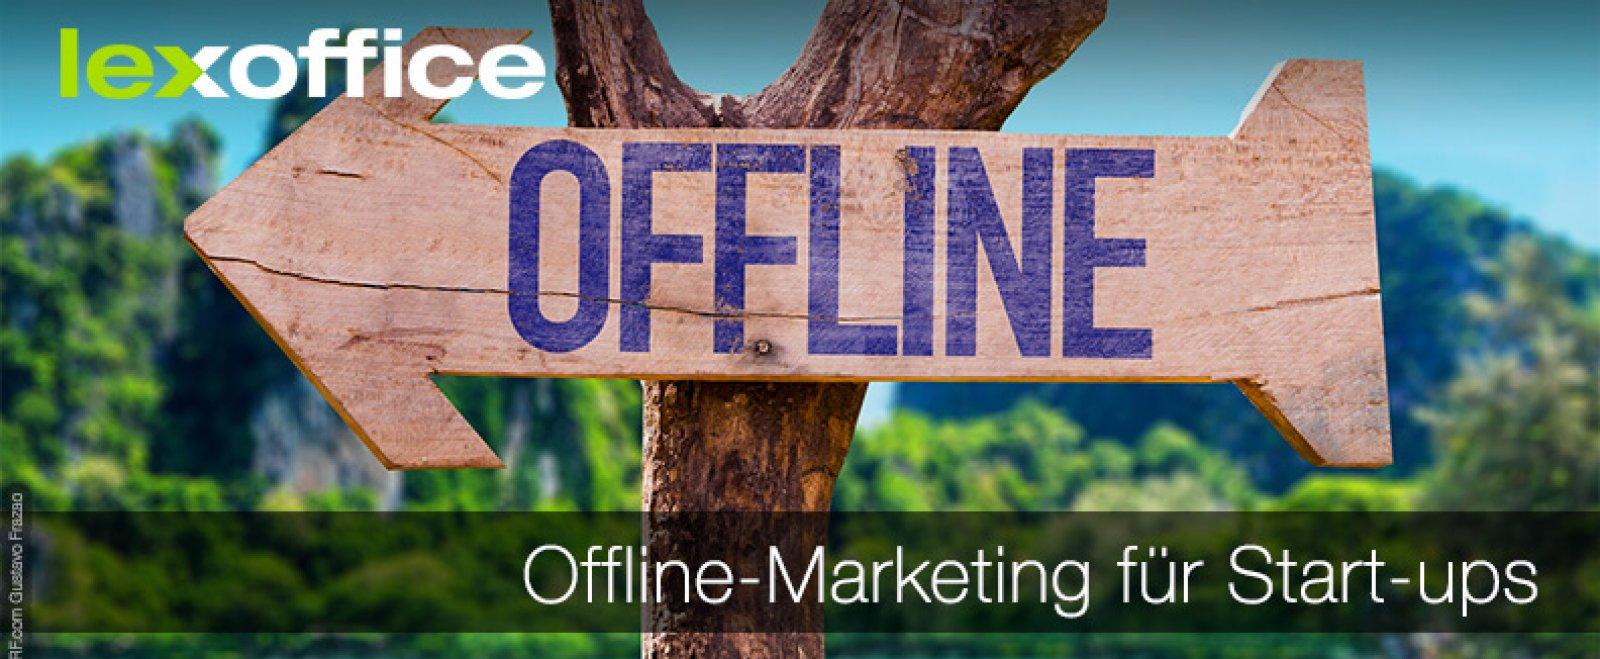 Ganz klassische Werbung: Offline-Marketing für Start-ups